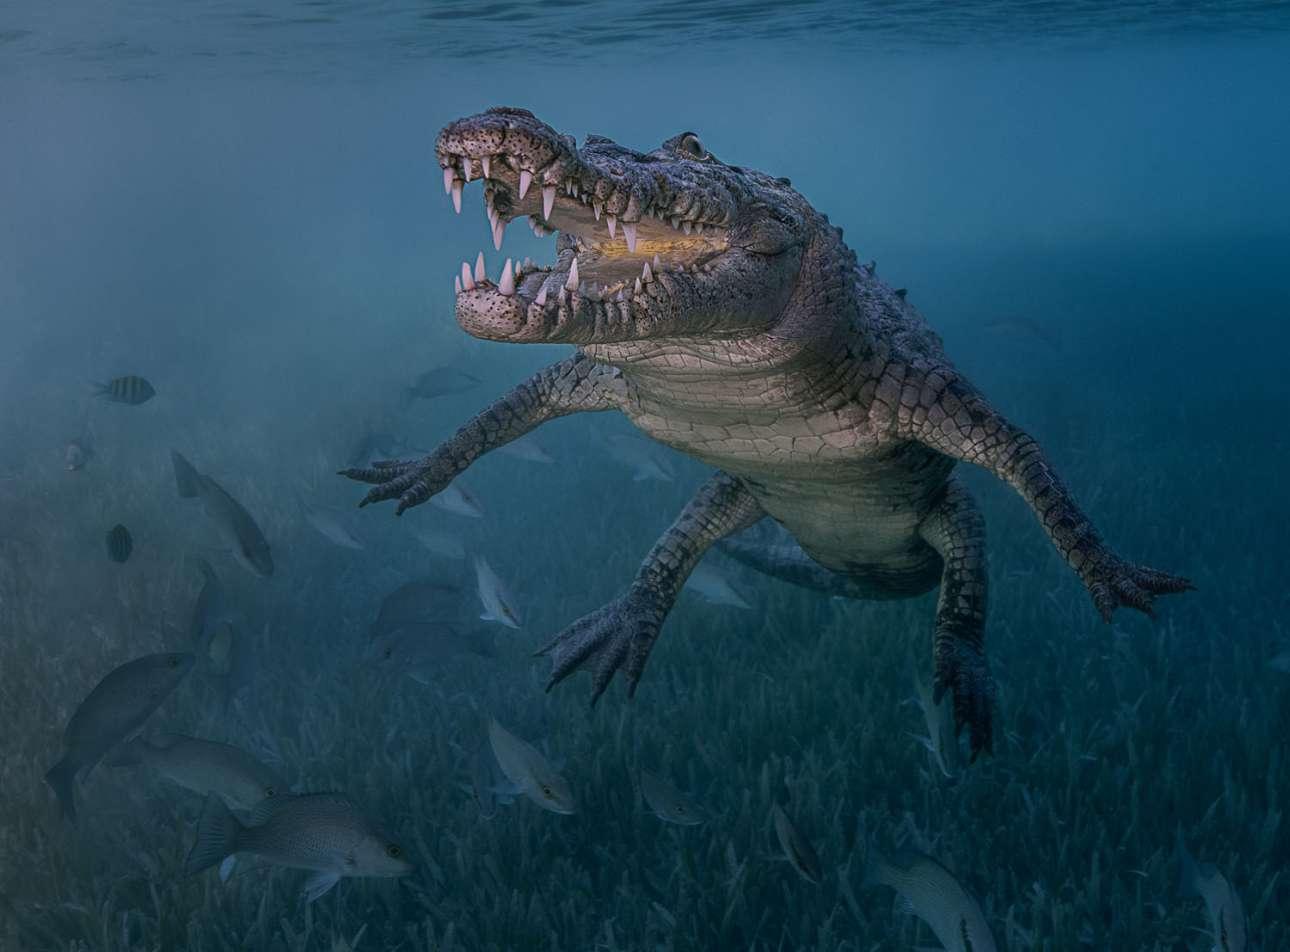 Δεύτερη θέση στην κατηγορία Αρχάριος DSLR. O κροκόδειλος Ελ Νίνο χαμογελάει πλατιά στην κάμερα, στην Κούβα